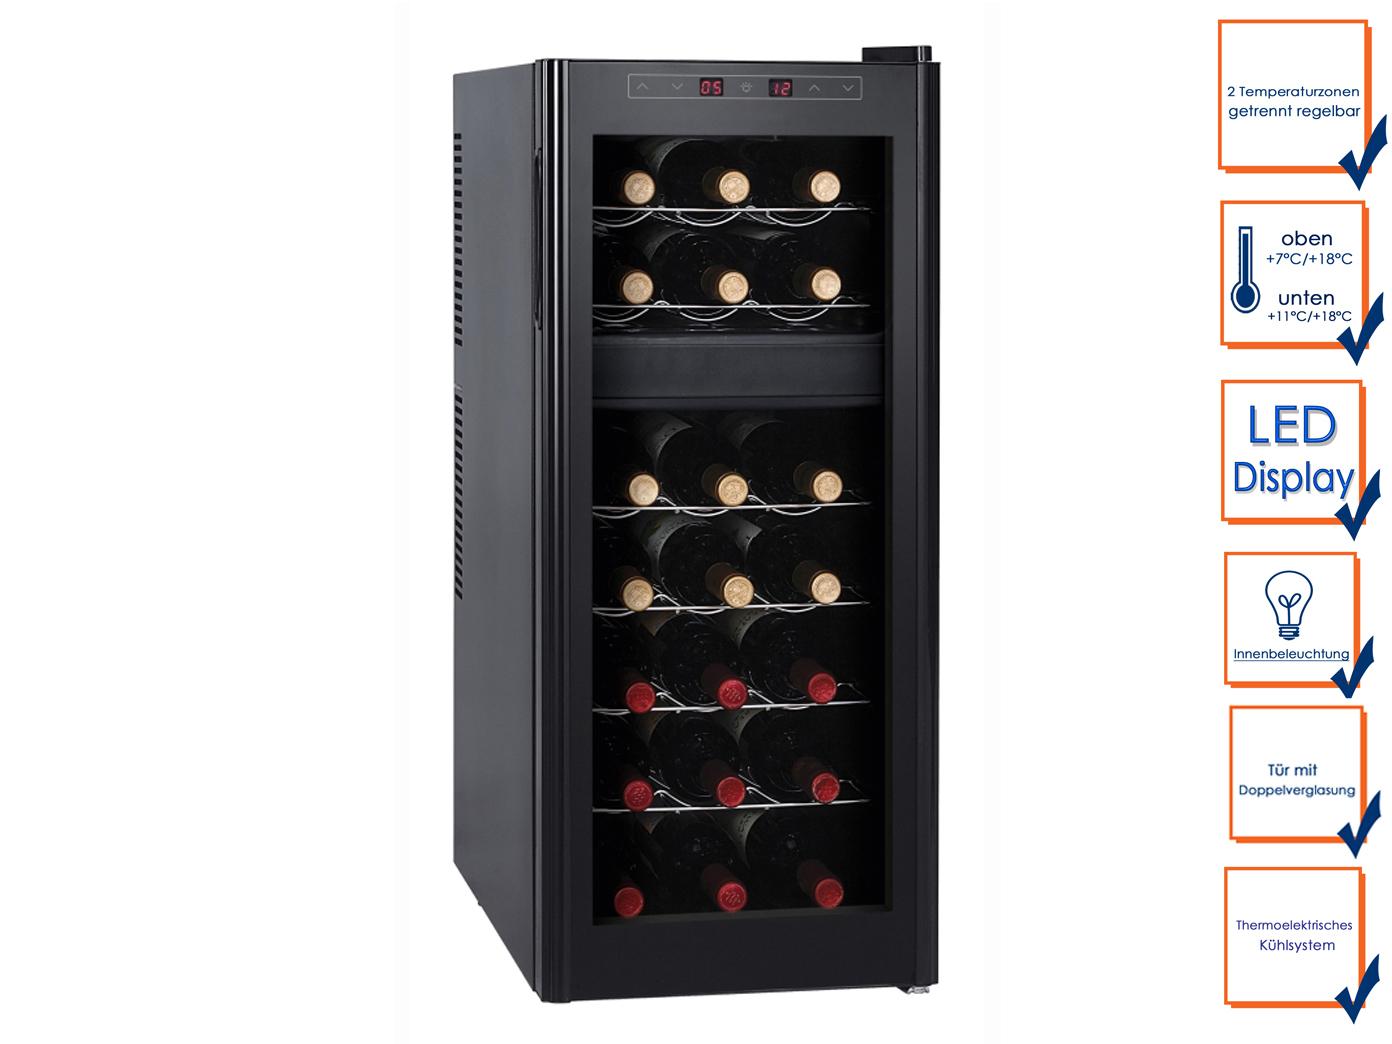 Profi Weintemperierschrank 21 Flaschen 2 Zonen